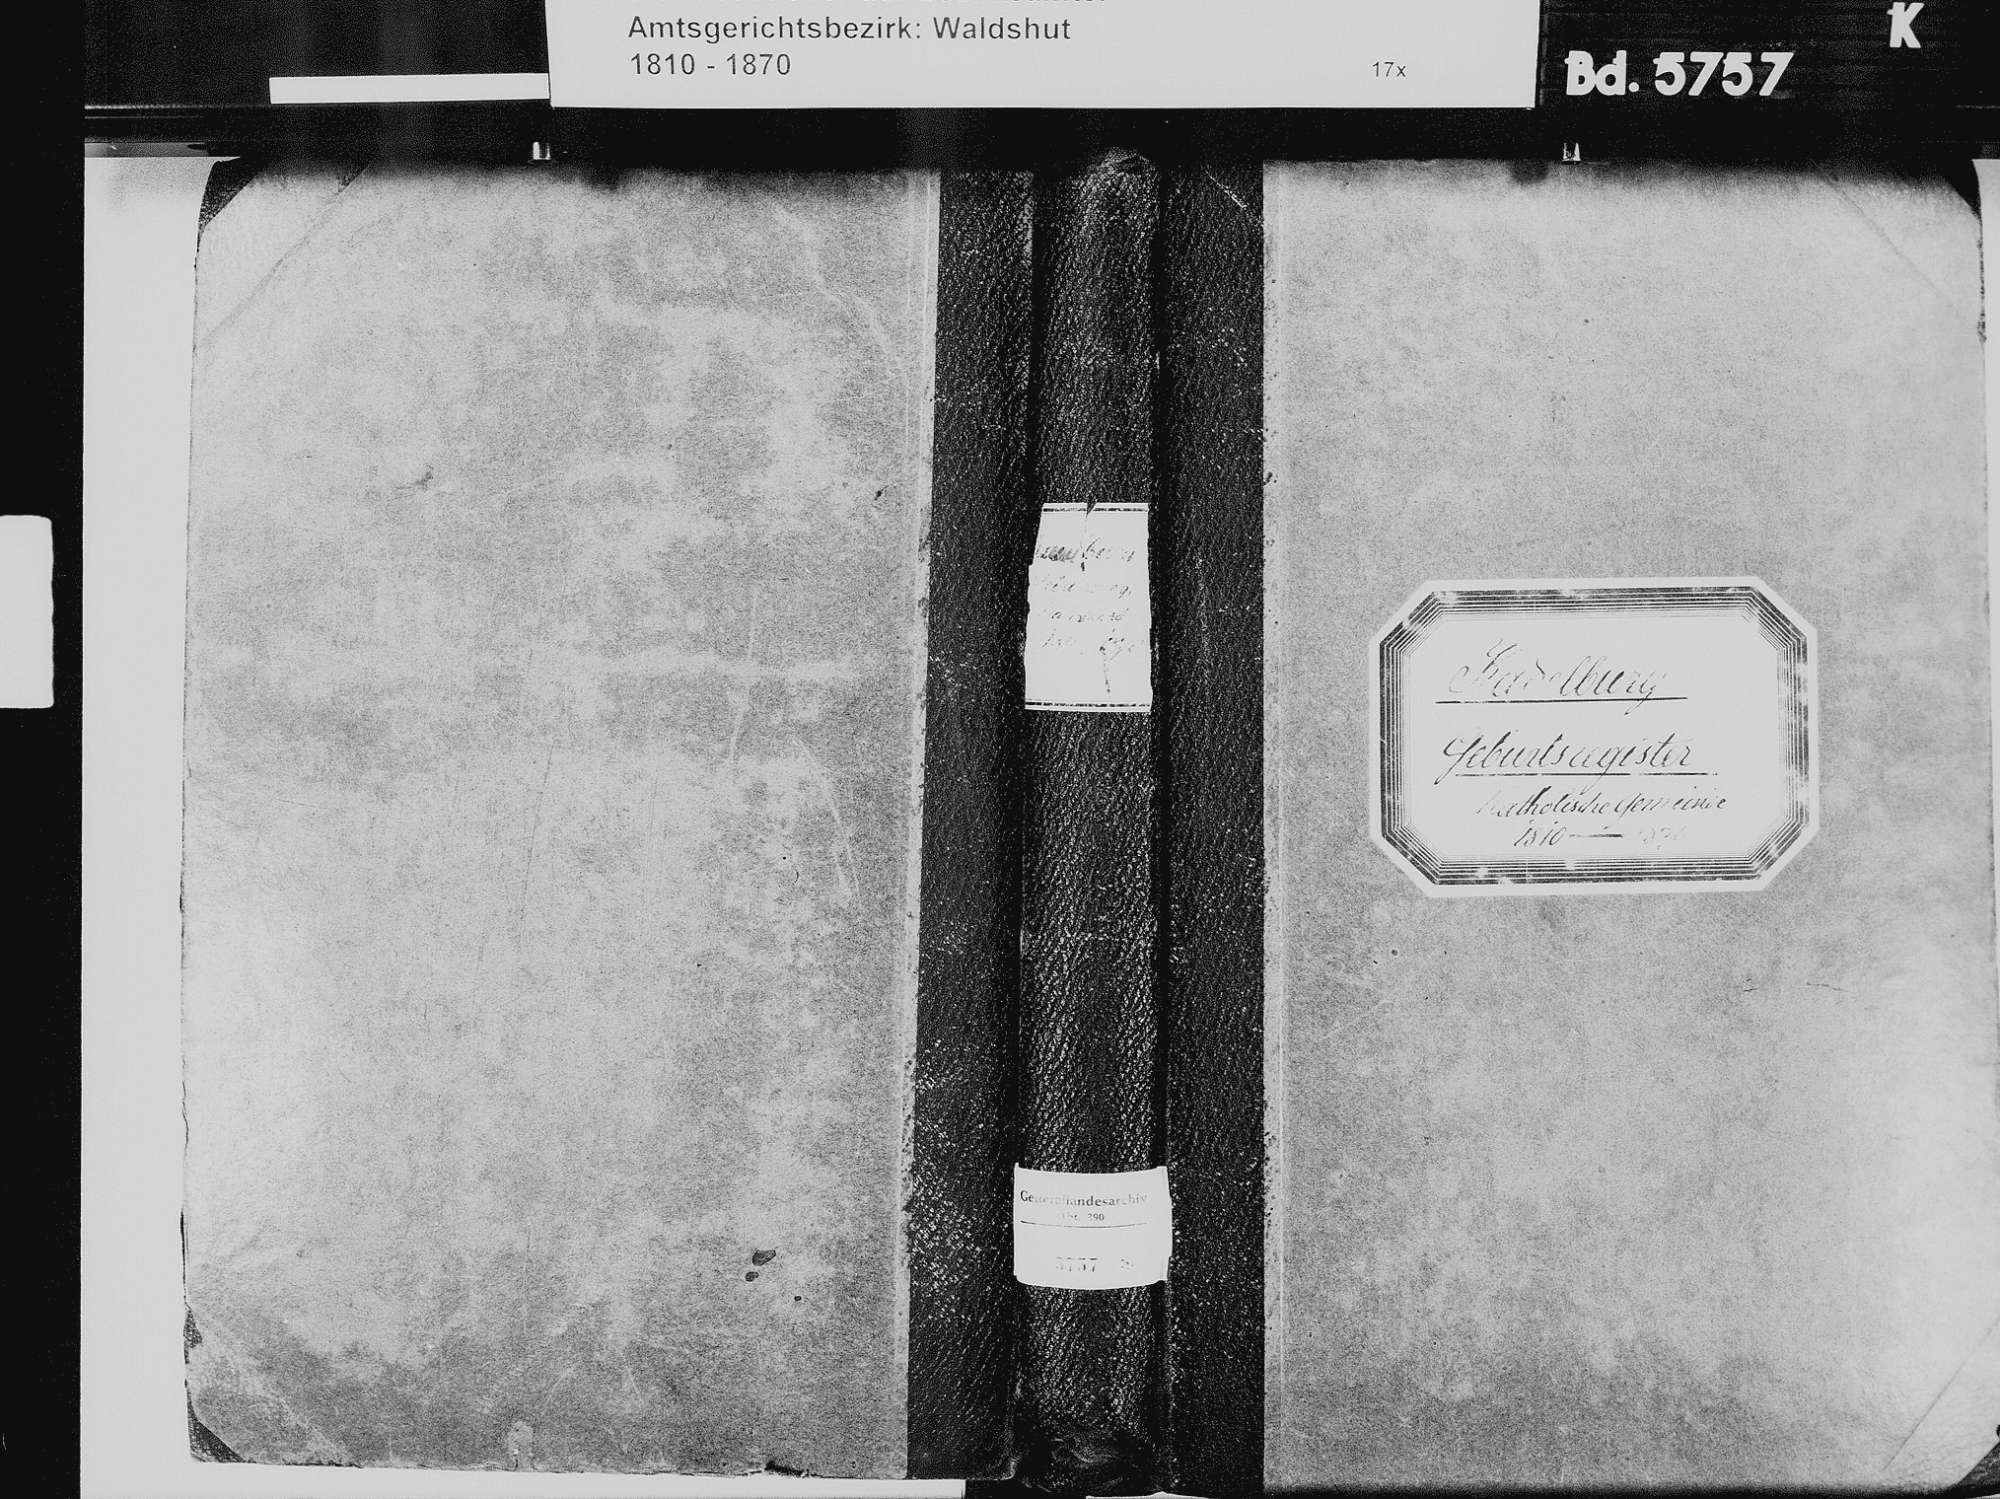 Kadelburg, Küssaberg WT; Katholische Gemeinde: Geburtenbuch 1810-1869 Kadelburg, Küssaberg WT; Katholische Gemeinde: Heiratsbuch 1811, 1820, 1835-1836 Kadelburg, Küssaberg WT; Katholische Gemeinde: Sterbebuch 1834-1836, Bild 2